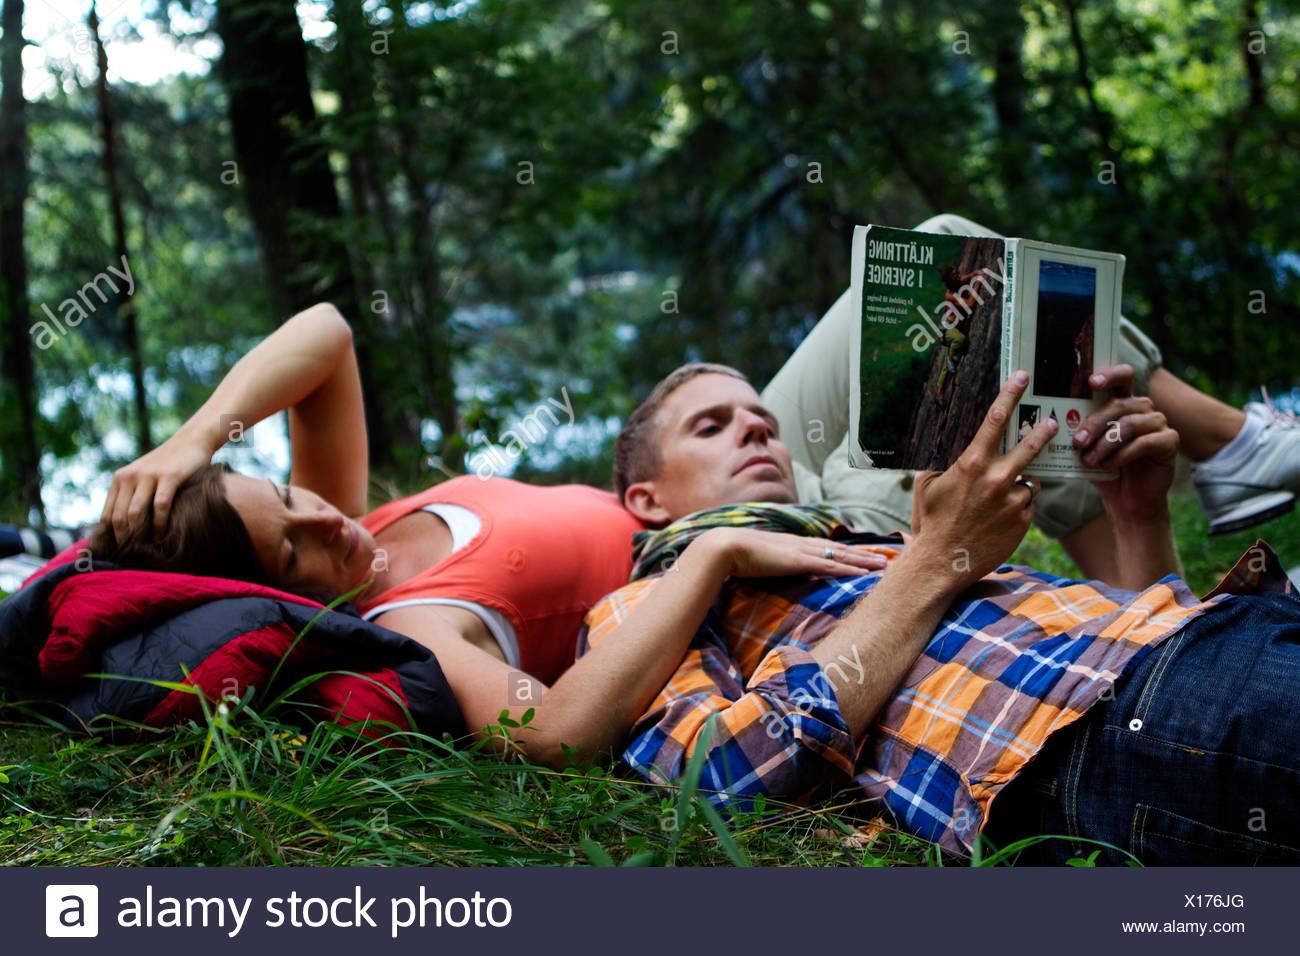 La Svezia Ostergotland, Agelsjon, escursionisti giacente su erba e guida di lettura Immagini Stock